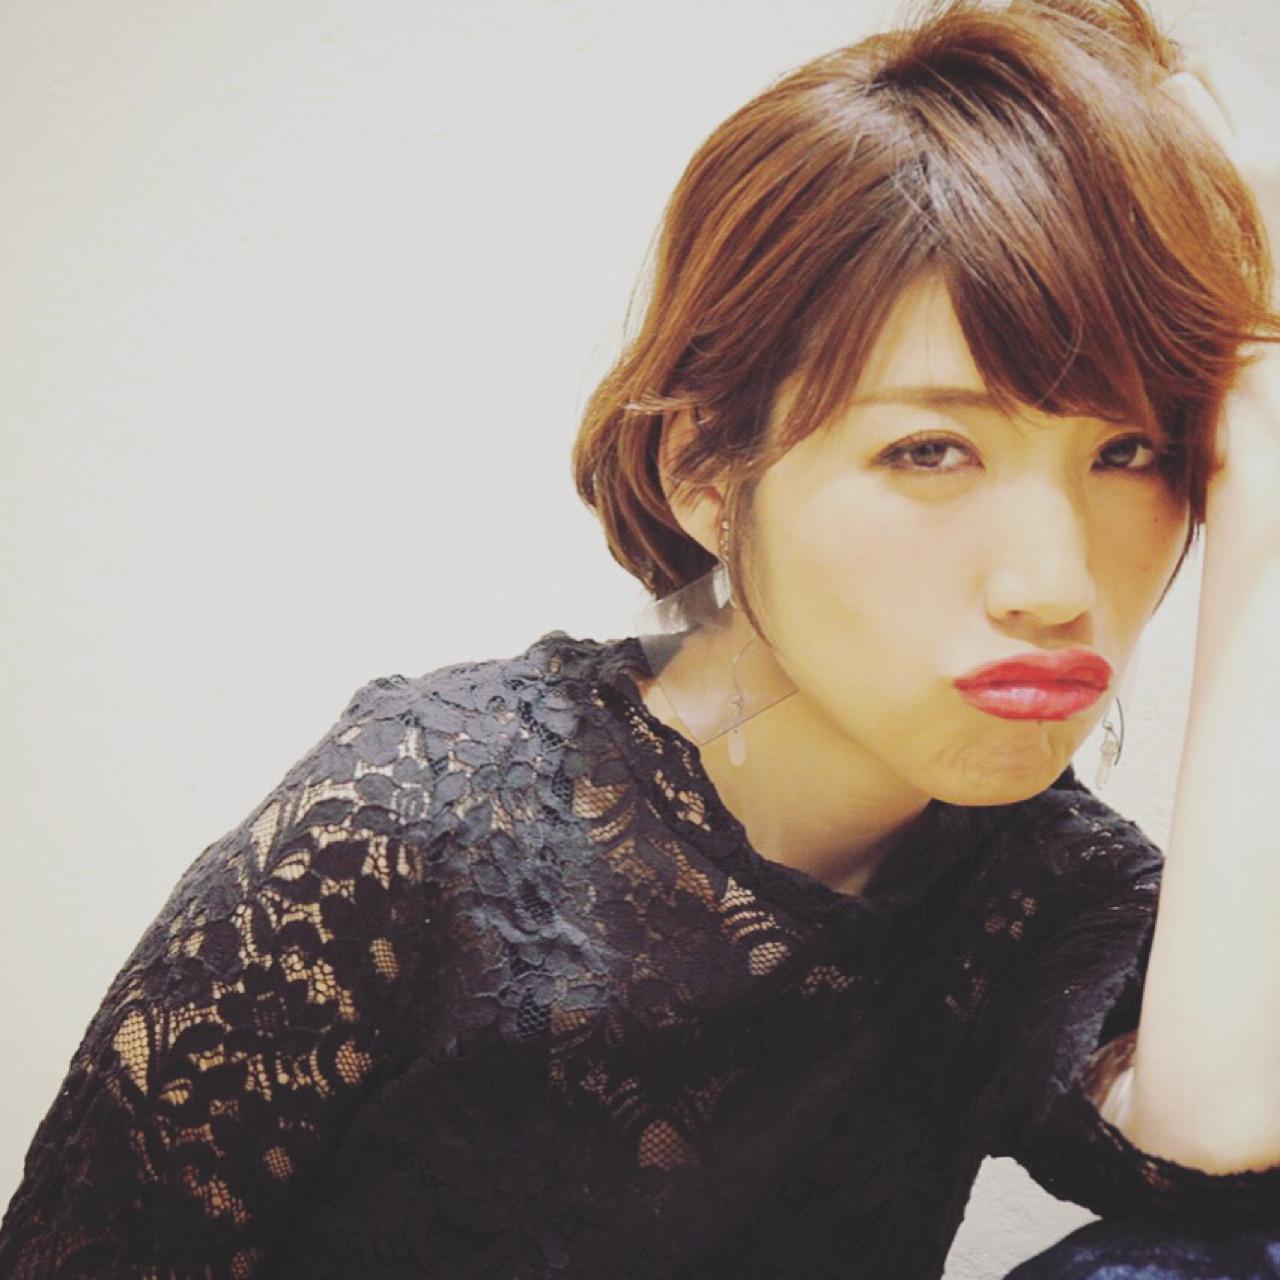 かっこいい 小顔 こなれ感 フェミニン ヘアスタイルや髪型の写真・画像 | yuunn /